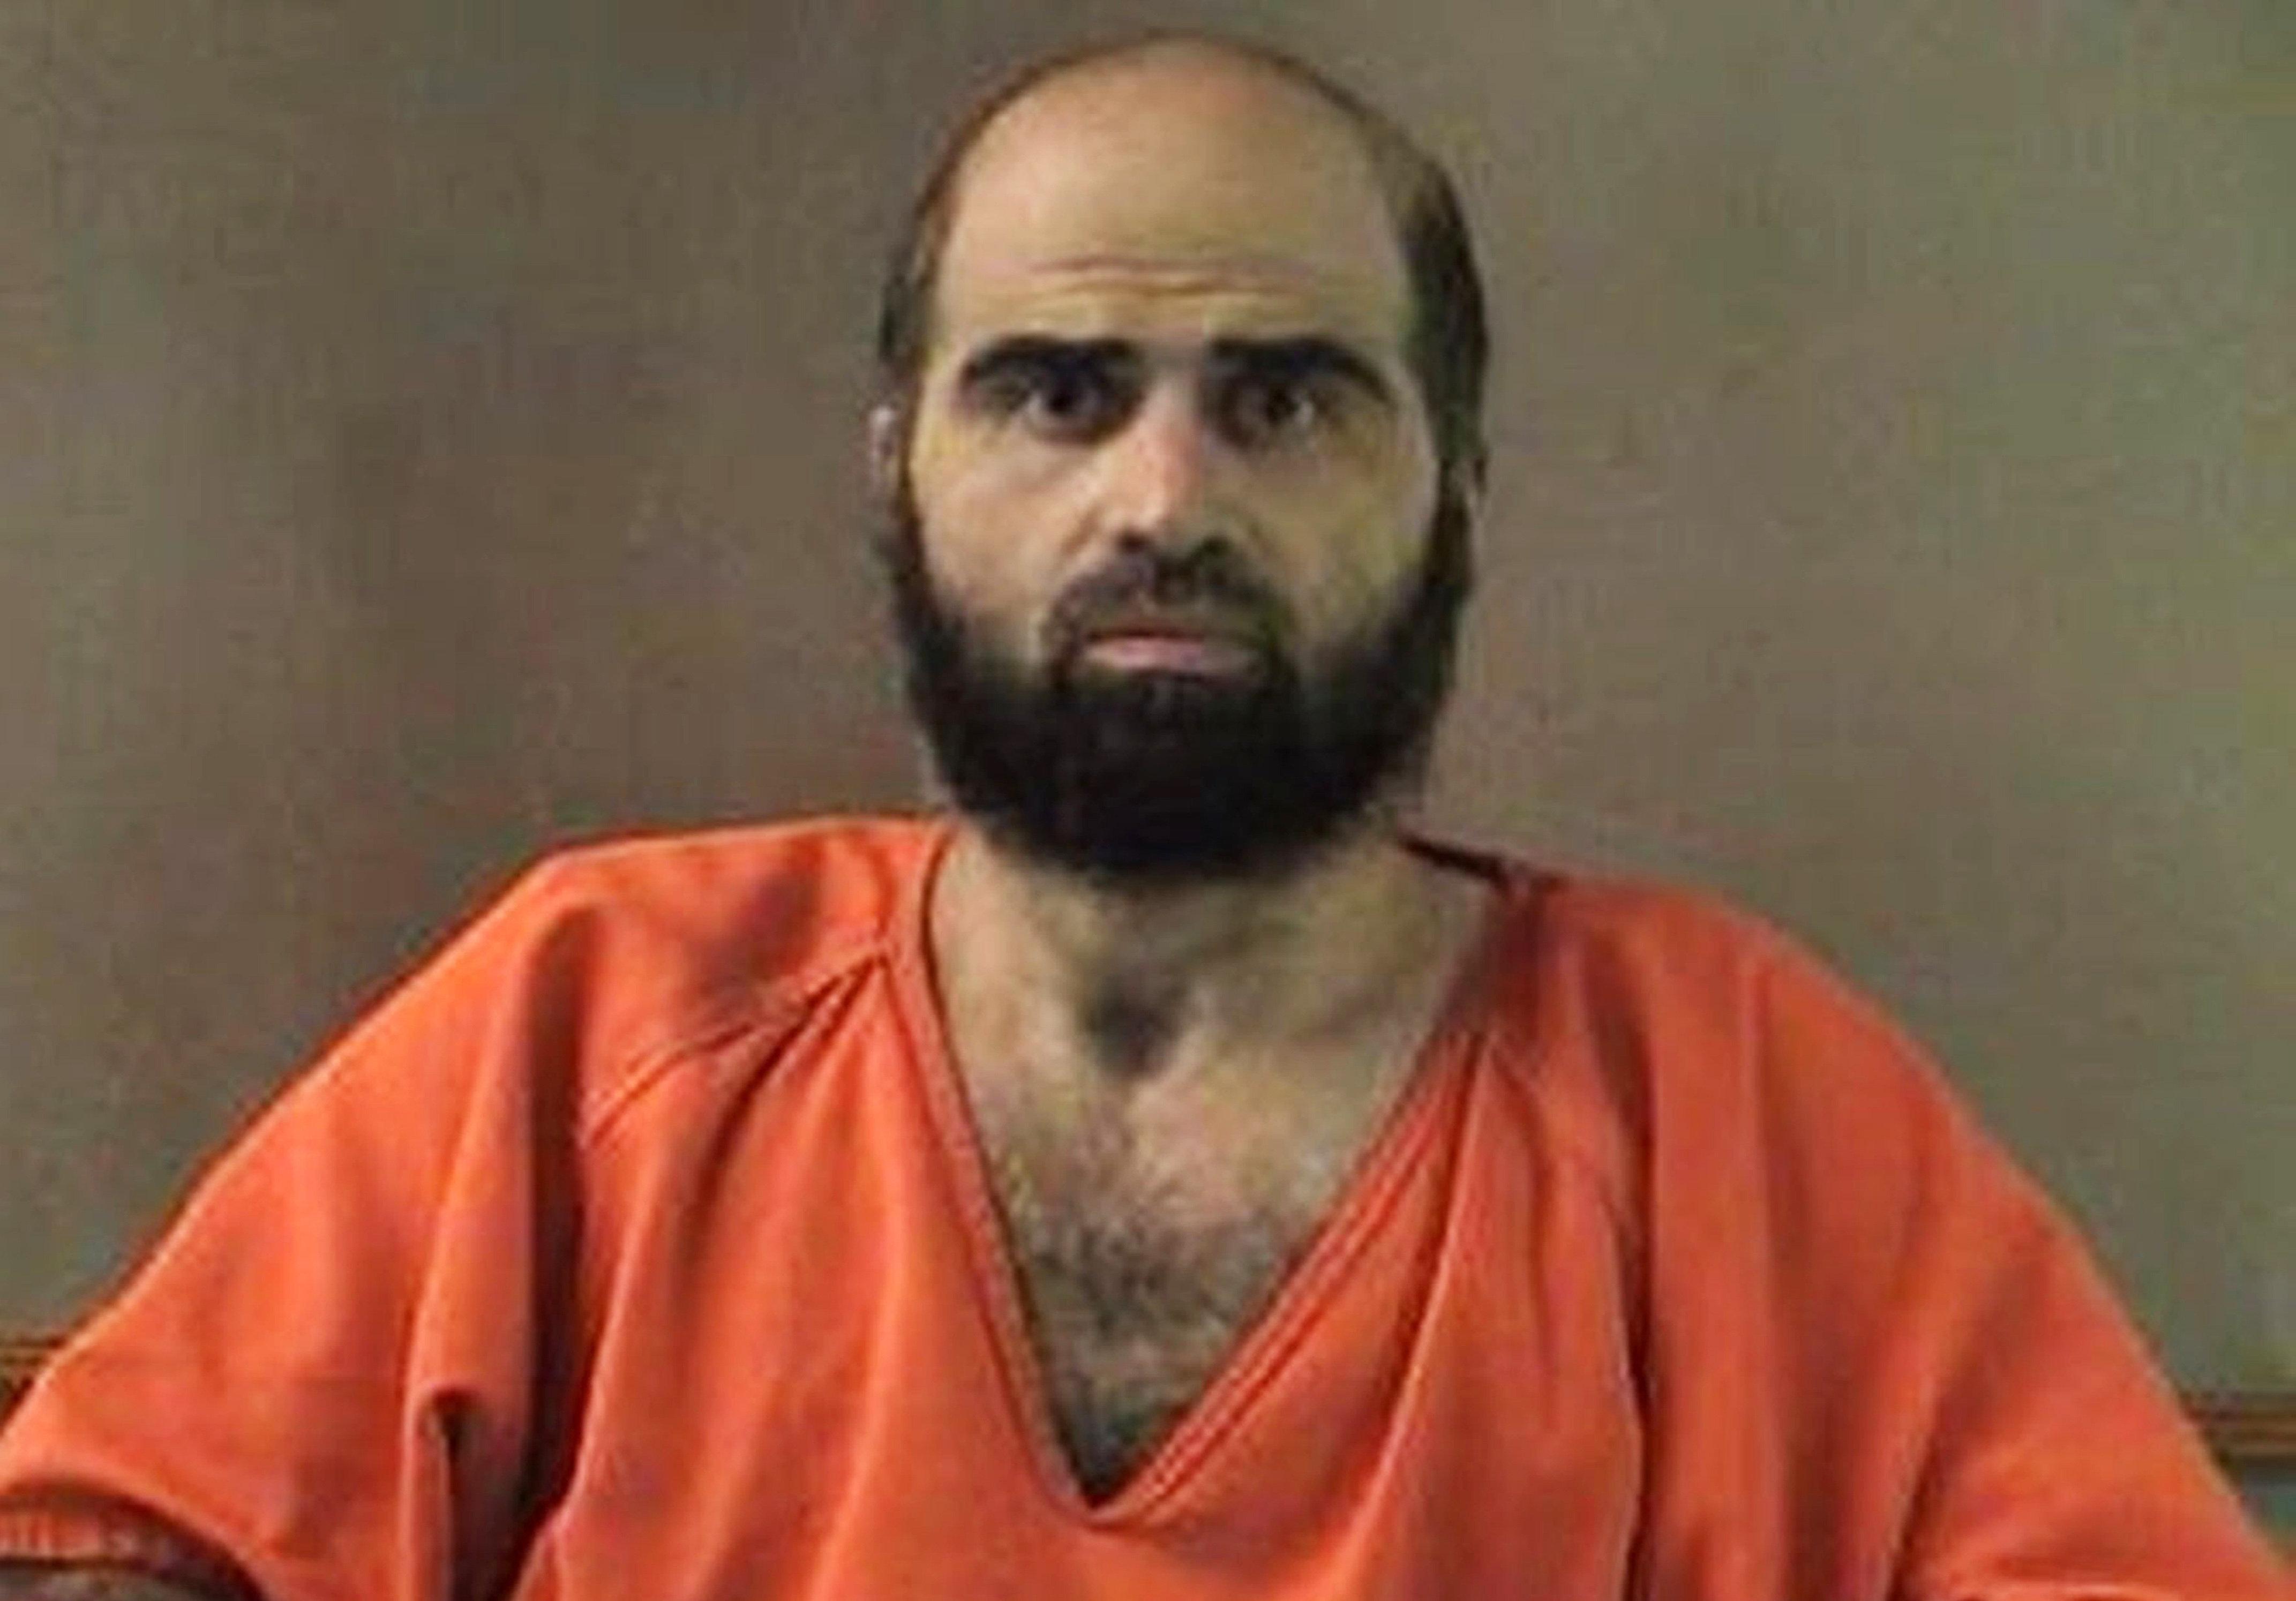 El psiquiatra y mayor del Ejército de EEUU Nidal Malik Hasan que mató a tiros a 13 militares